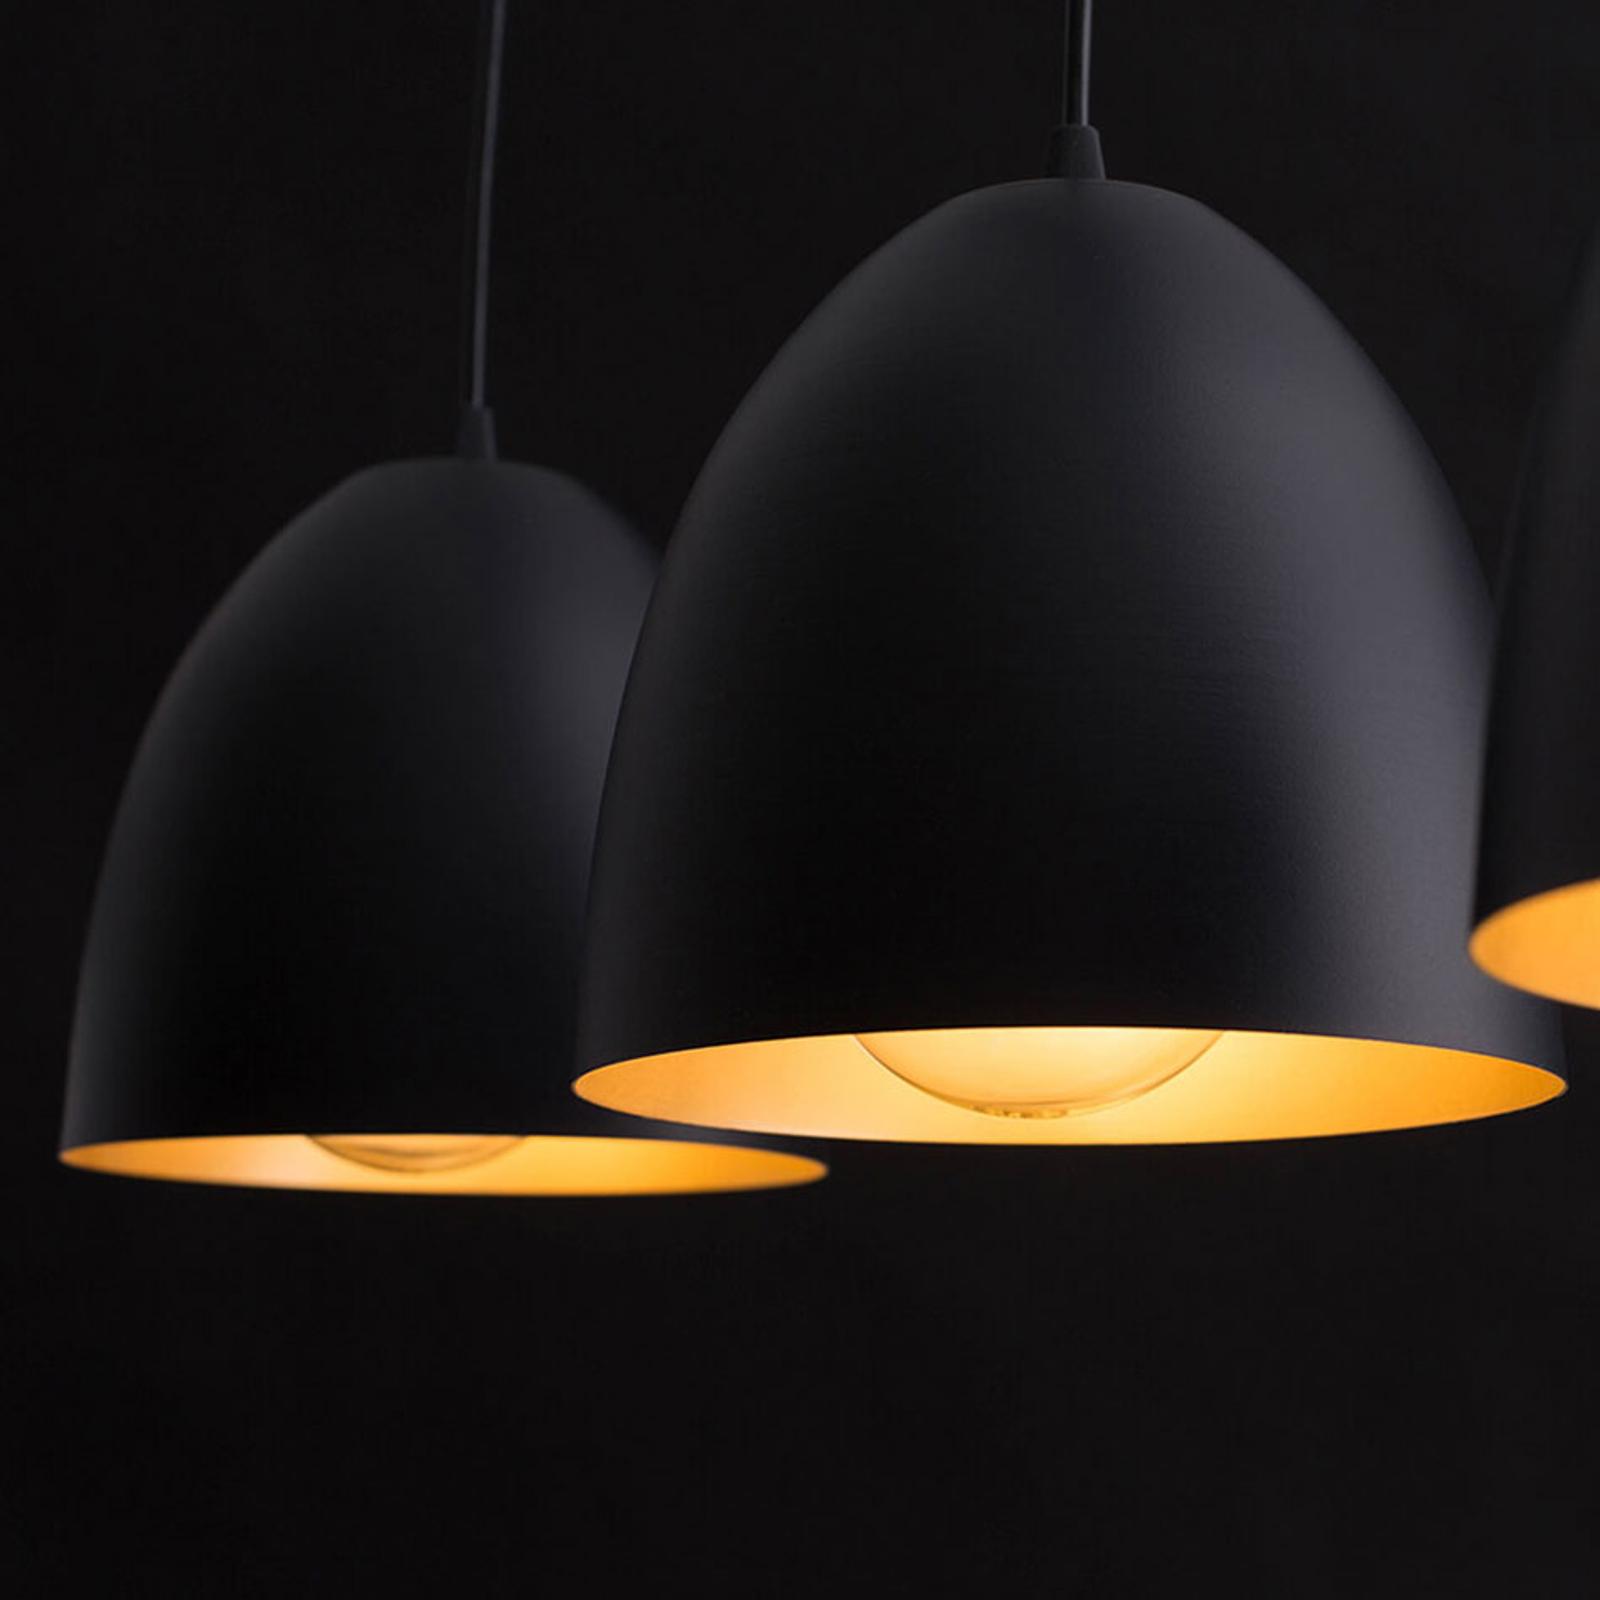 Hanglamp Lenox, 2-lamps, zwart/goud